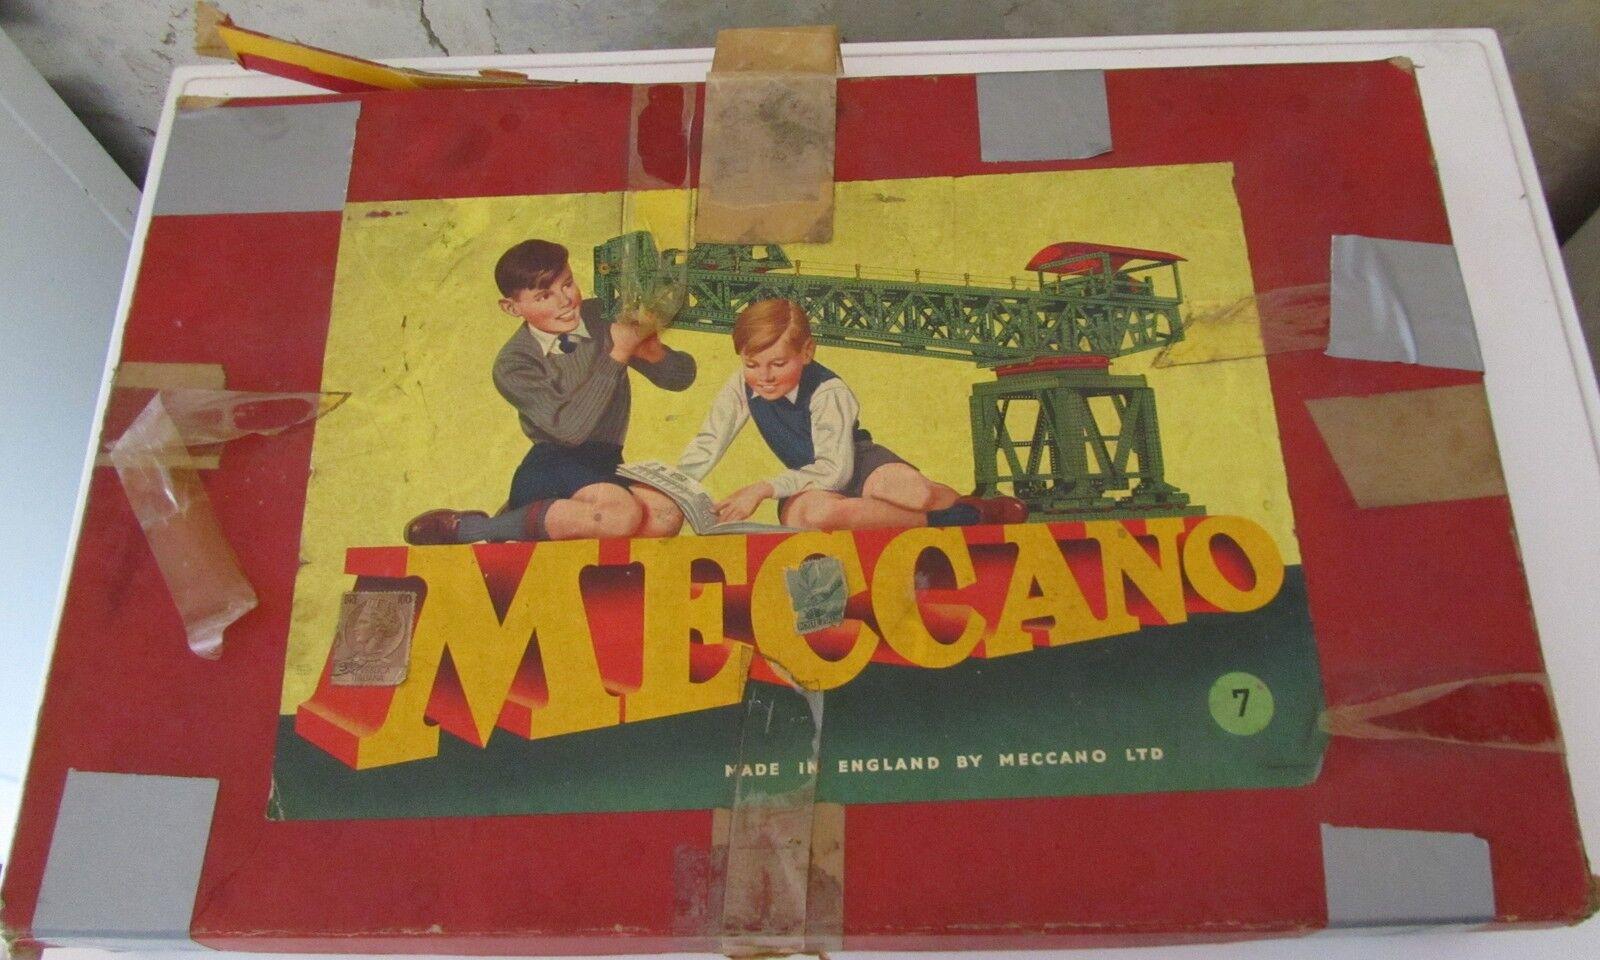 Gree Lotto Meccano Set 7 fatto in engle e  Il Costruttore Bral con istruzioni  seleziona tra le nuove marche come